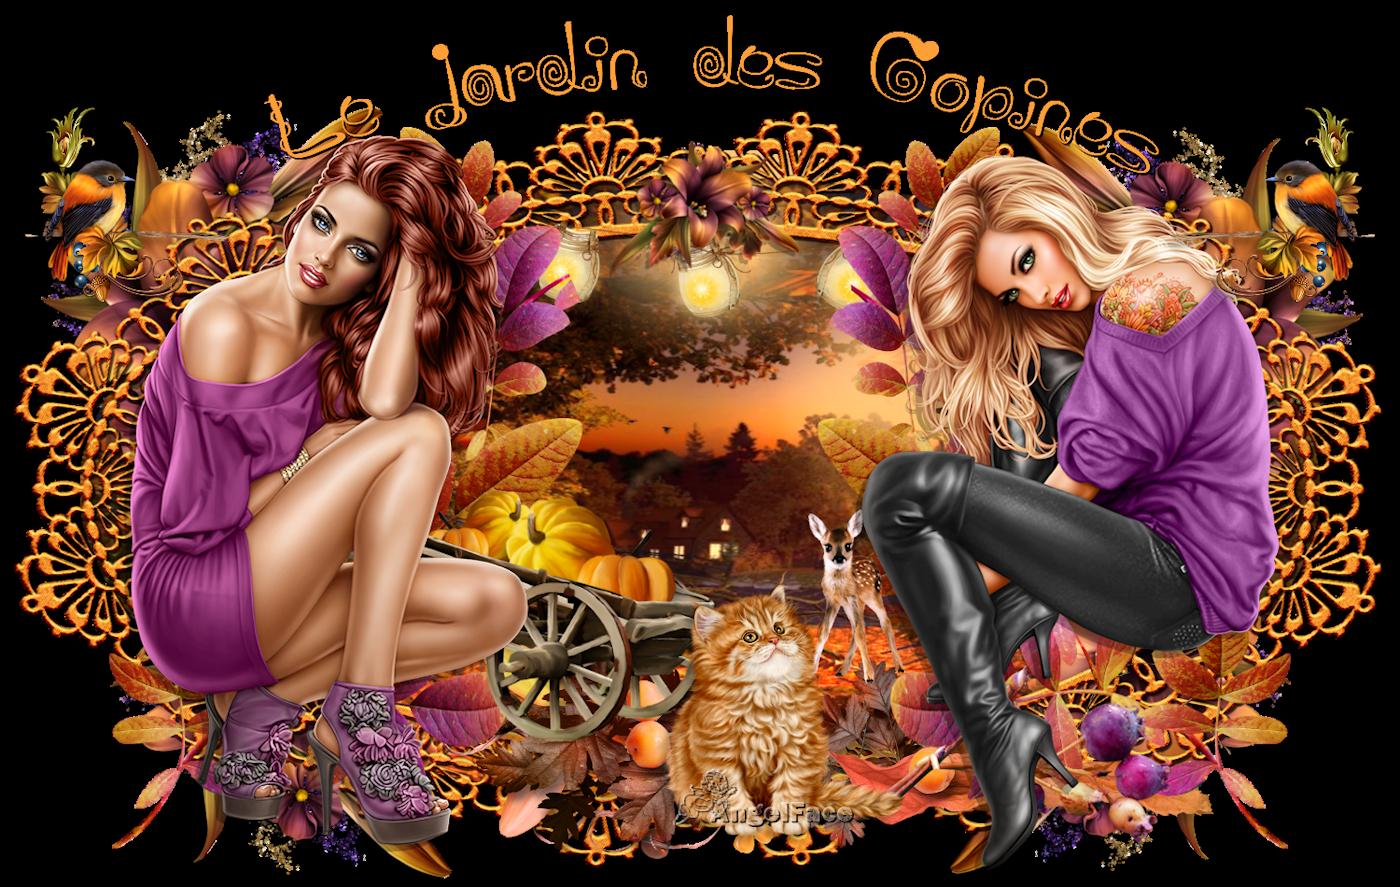 Le Jardin des Copines